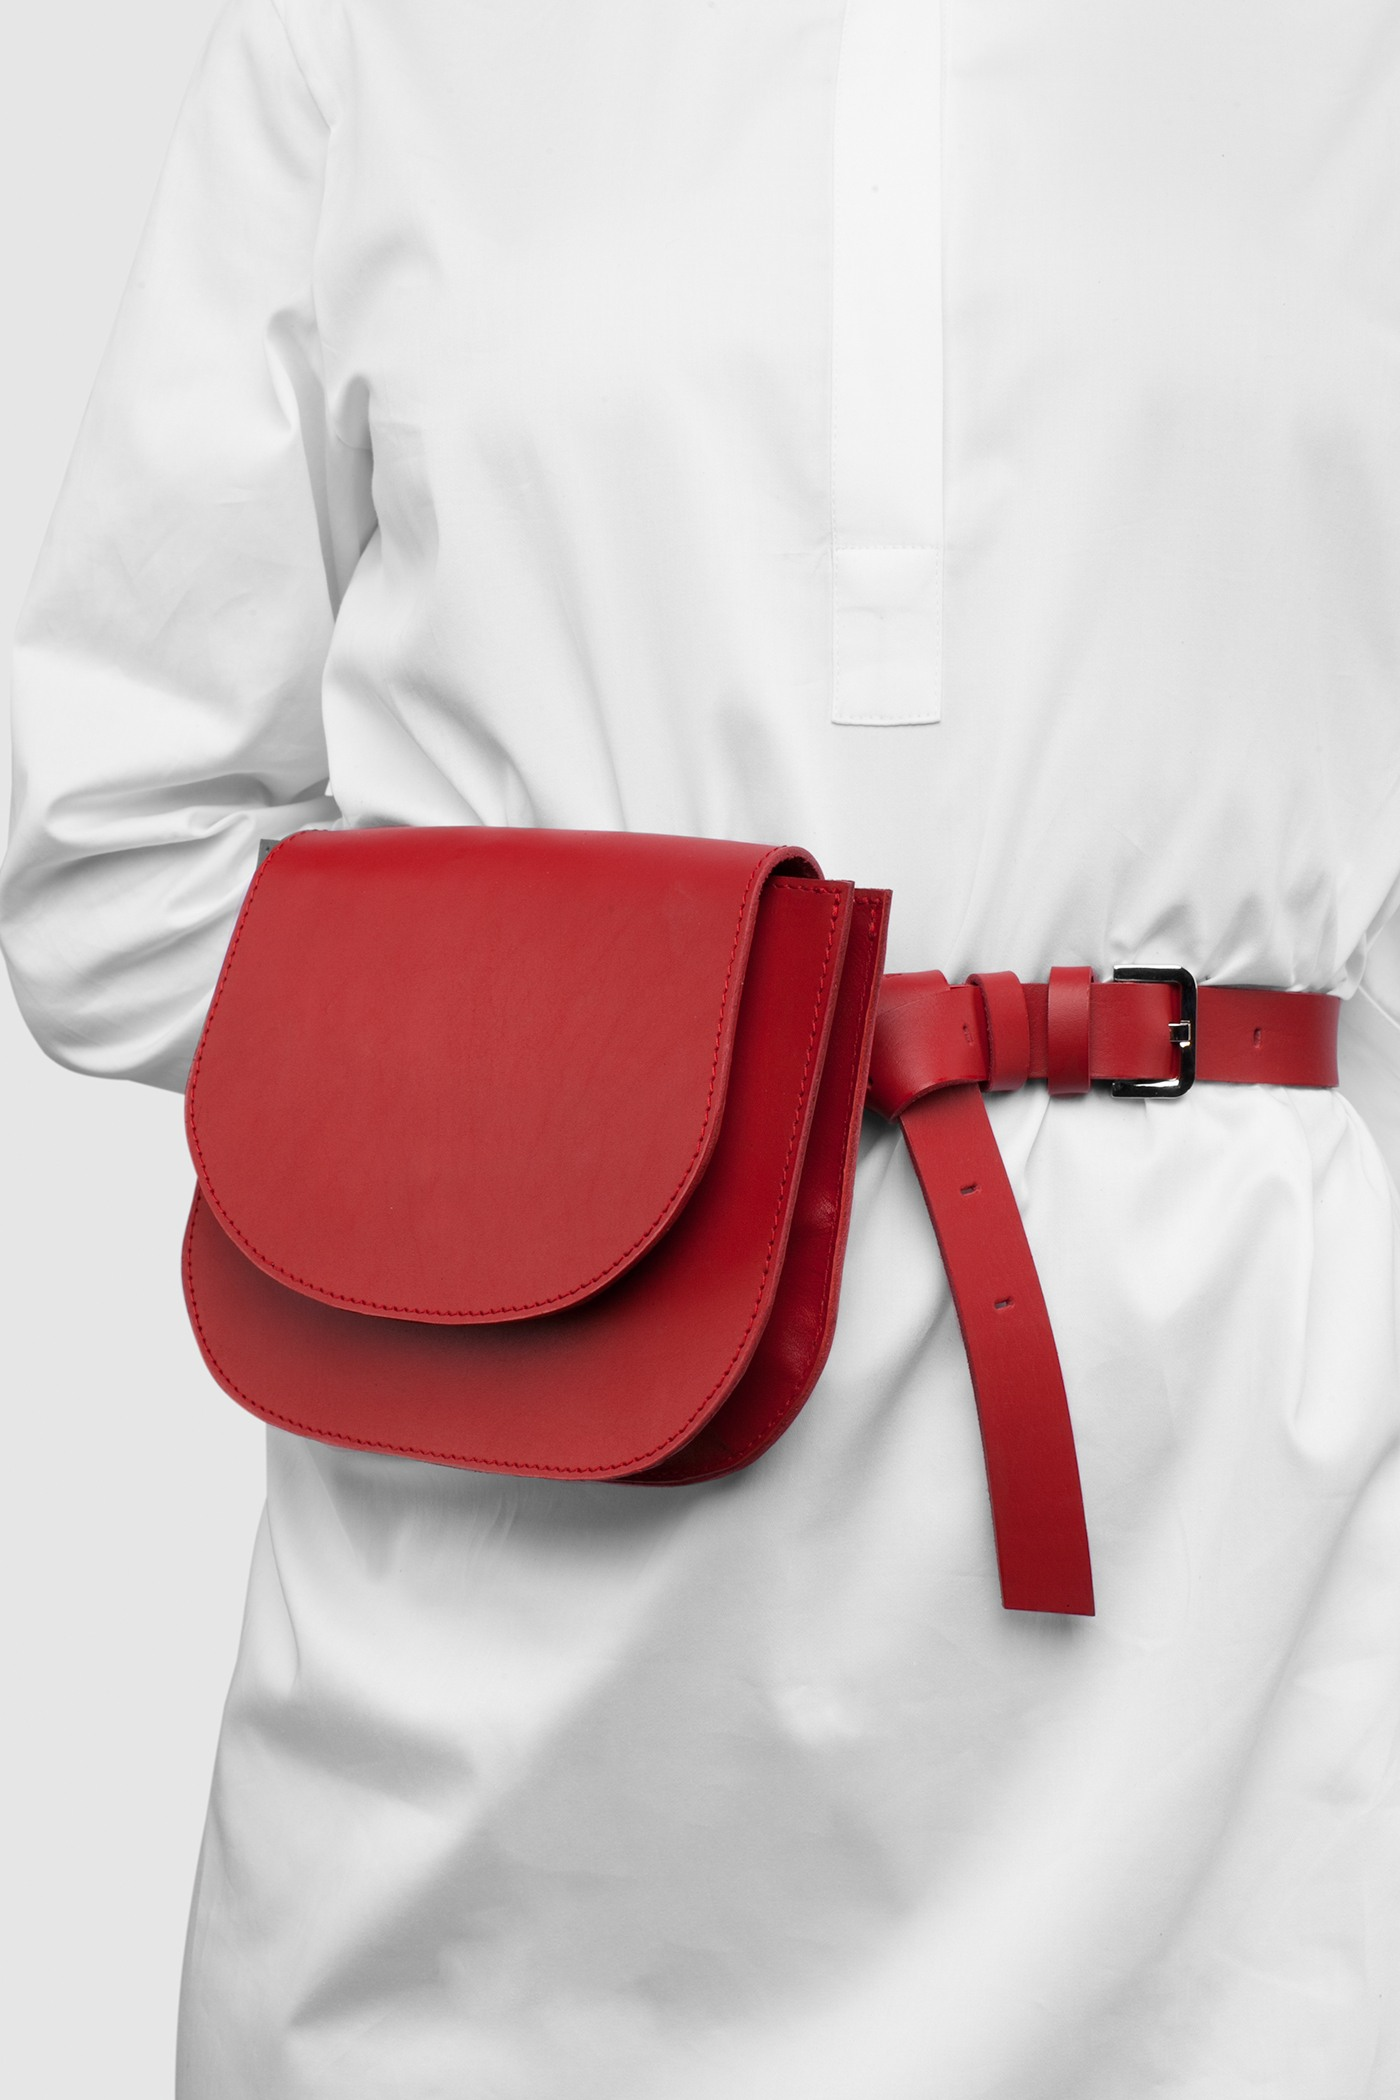 Сумка на поясСумка на пояс из натуральной кожи&#13;<br>&#13;<br>&#13;<br>размер сумки: 16х20,5 см&#13;<br>&#13;<br>в комплекте съёмный тонкий ремень, для того, чтобы носить сумку через плечо&#13;<br>&#13;<br>закрывается на магнитную кнопку&#13;<br>&#13;<br>два внутренних отделения&#13;<br>&#13;<br>помещается iPhone 6<br><br>Цвет: Красный